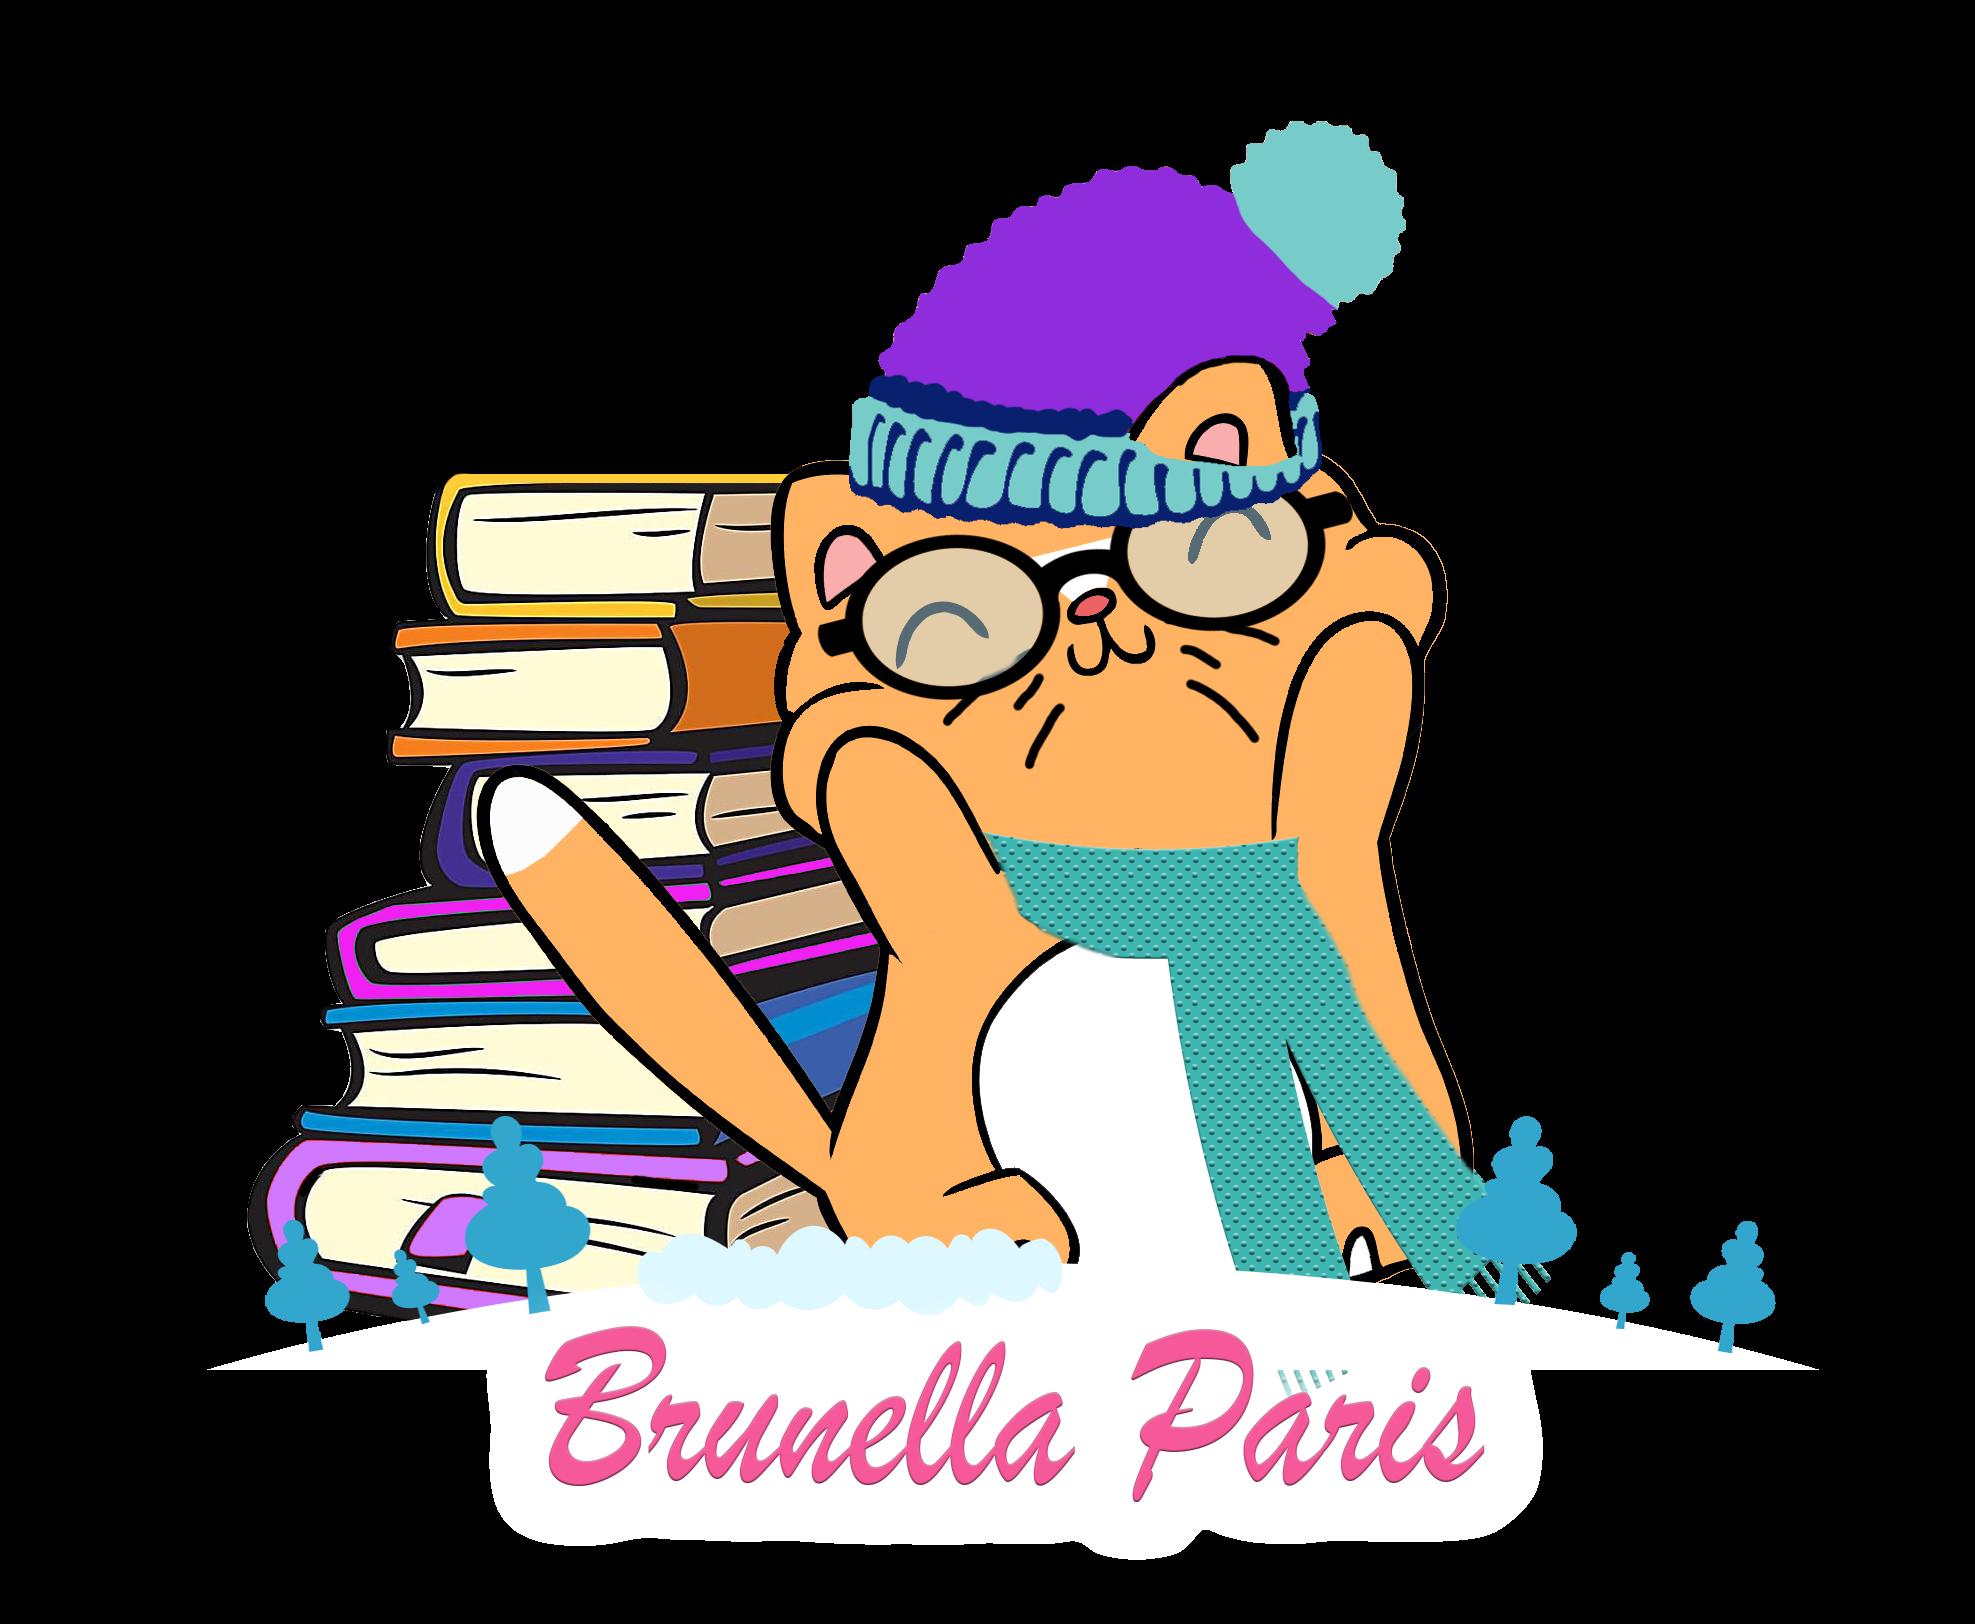 Brunella Paris